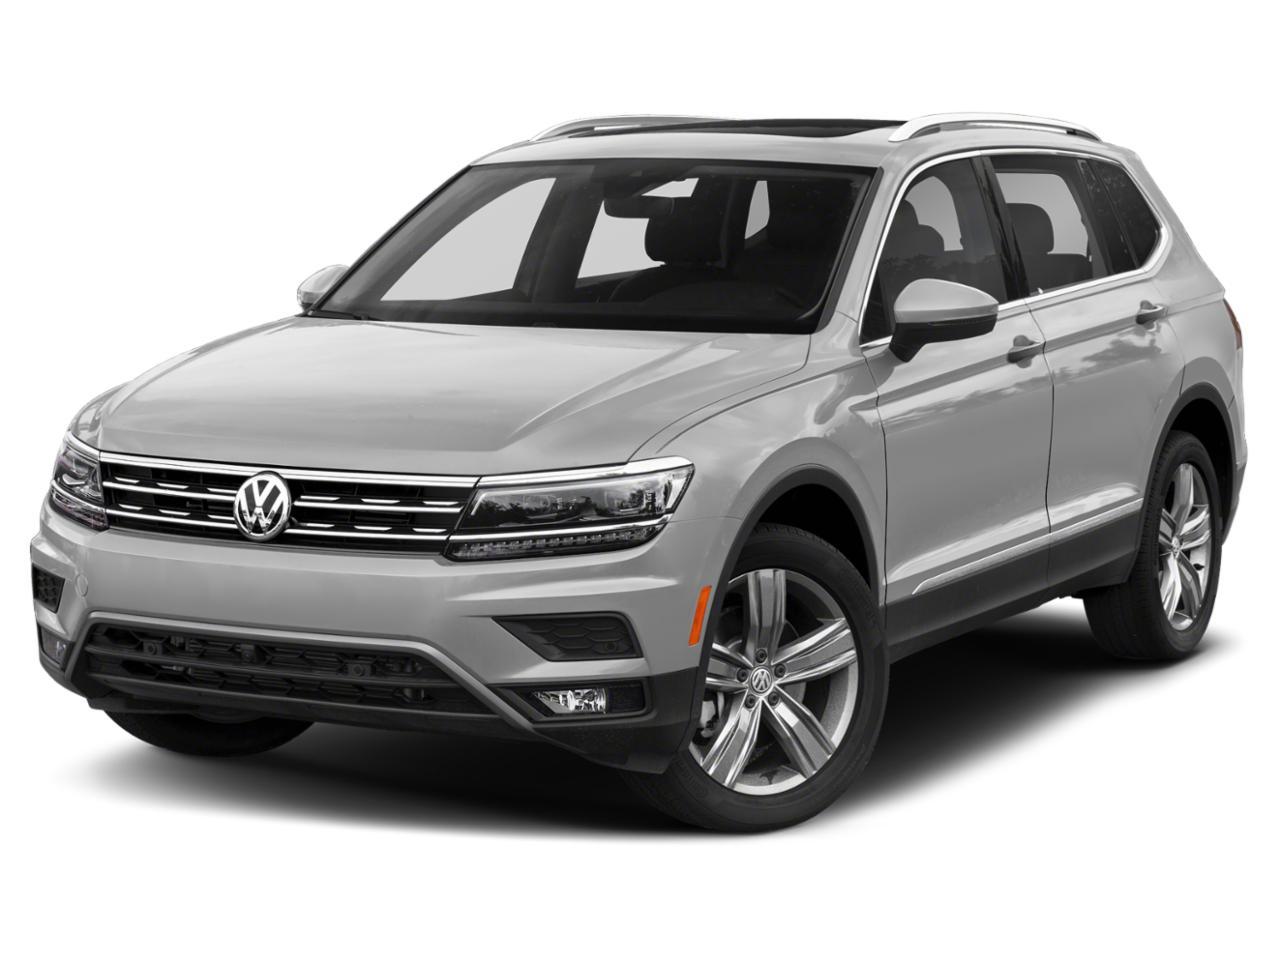 2018 Volkswagen Tiguan Vehicle Photo in MEDINA, OH 44256-9631